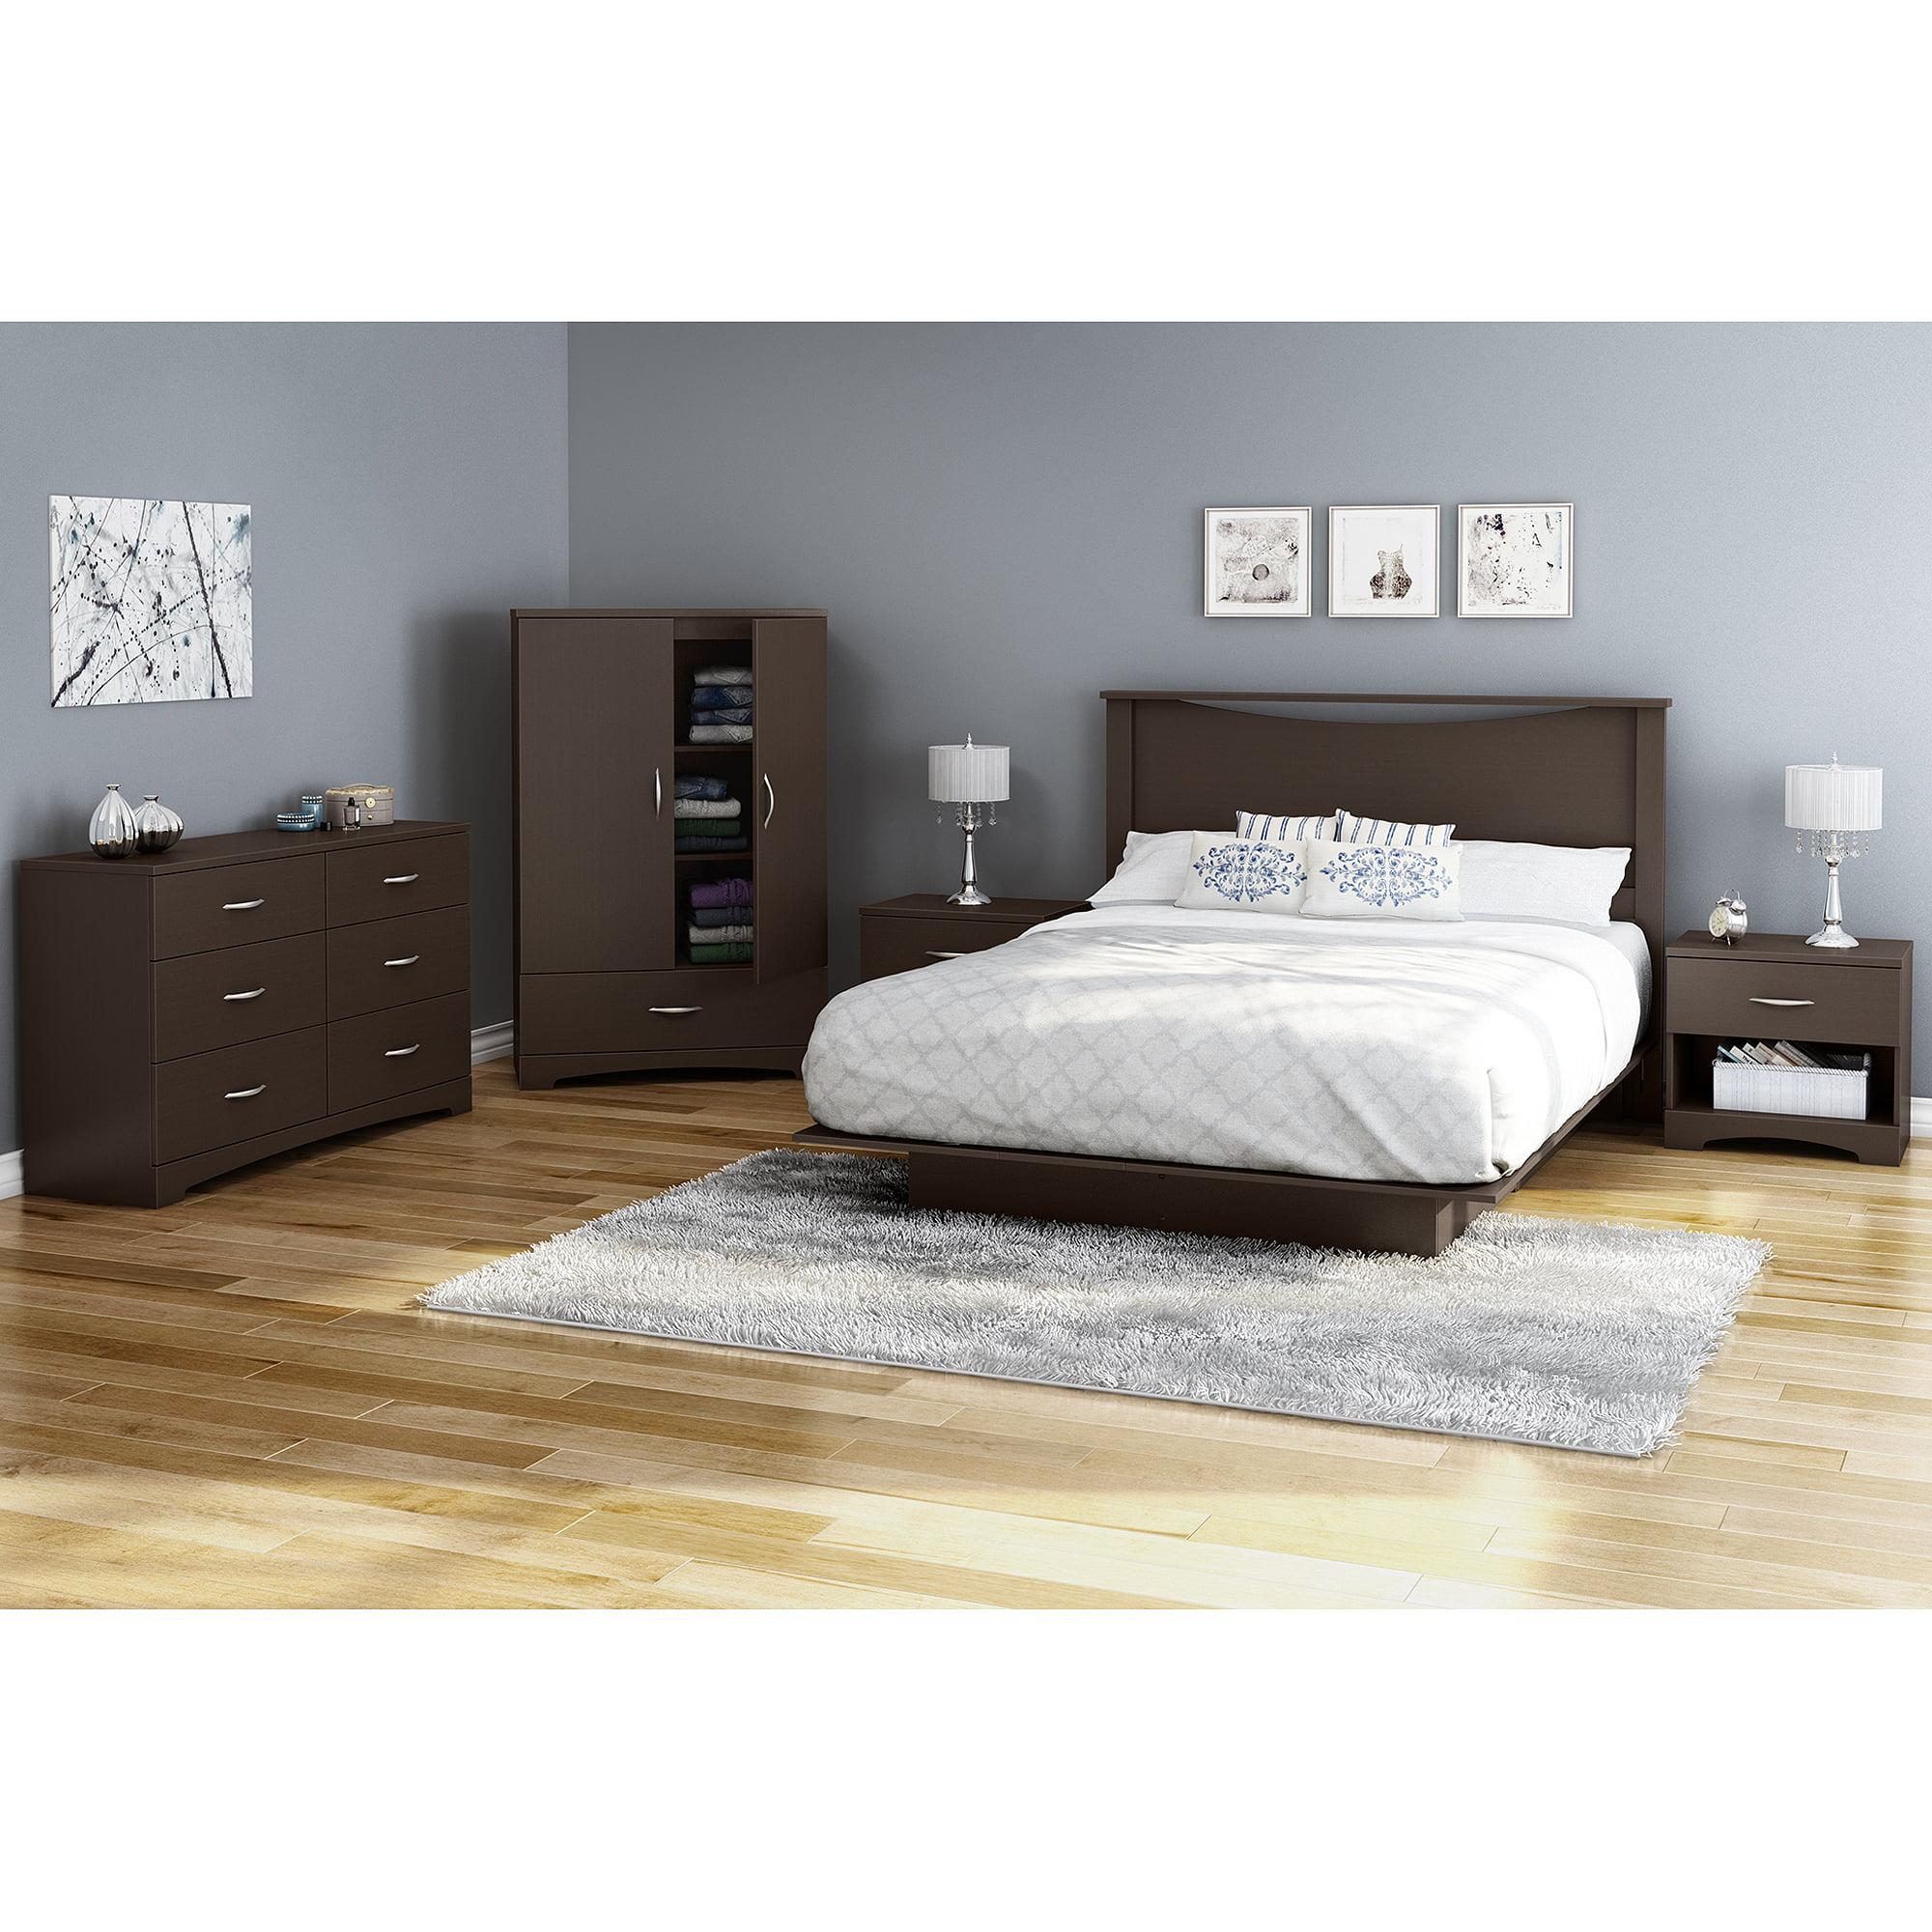 Full Size Platform Bed Frame Bedroom Foundation Furniture